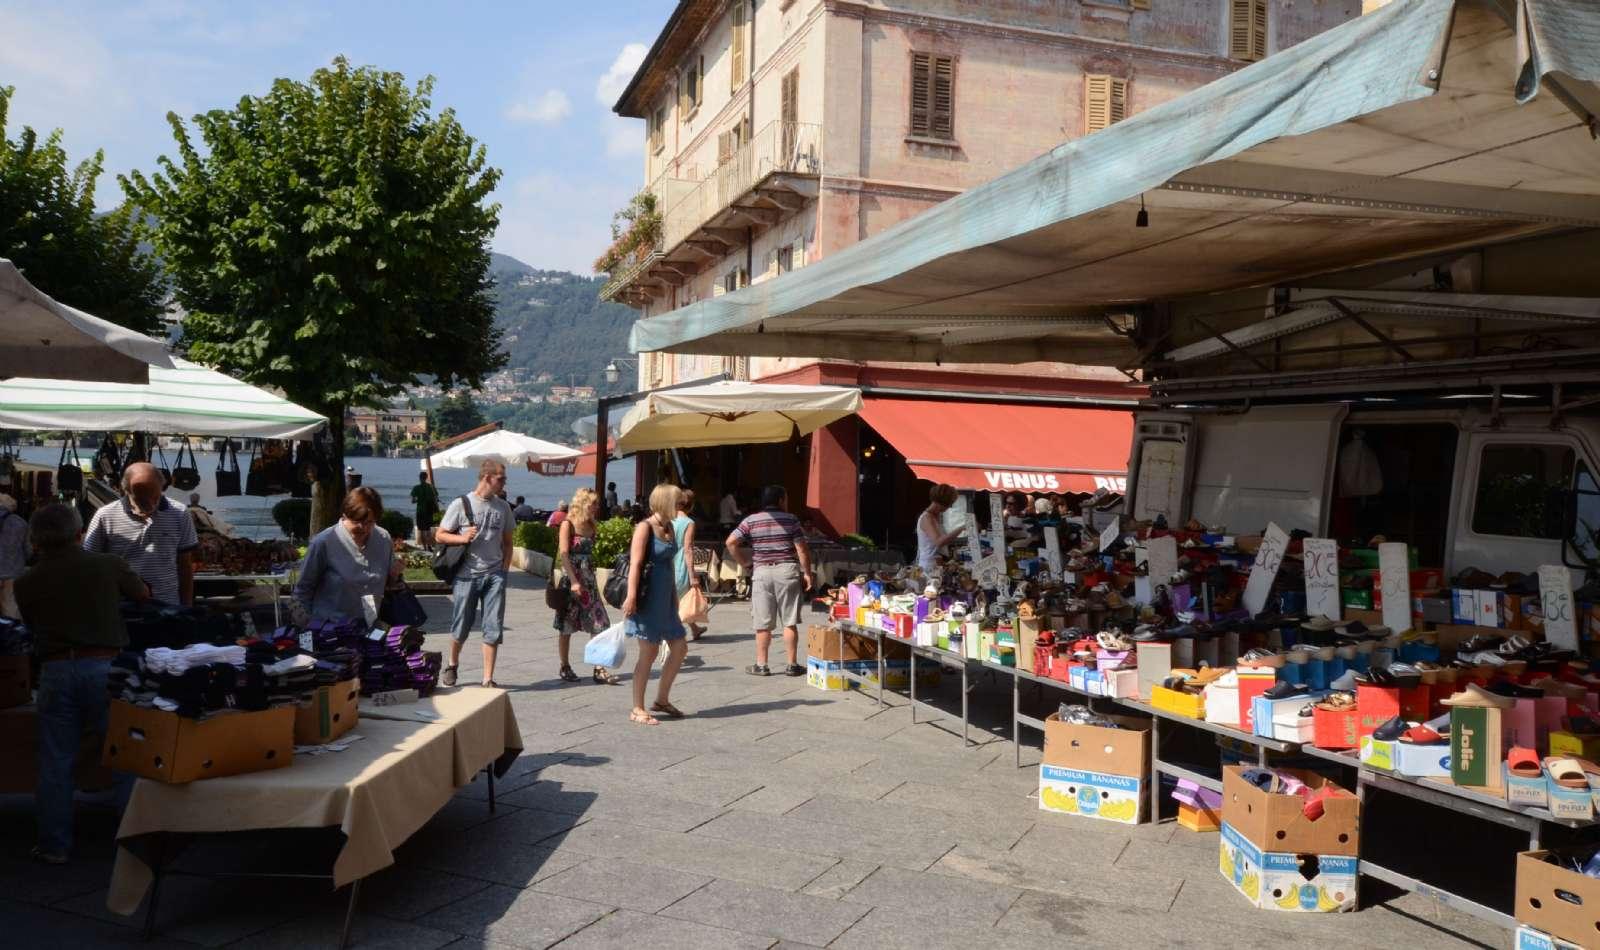 Stadens marknad som arrangeras varje vecka